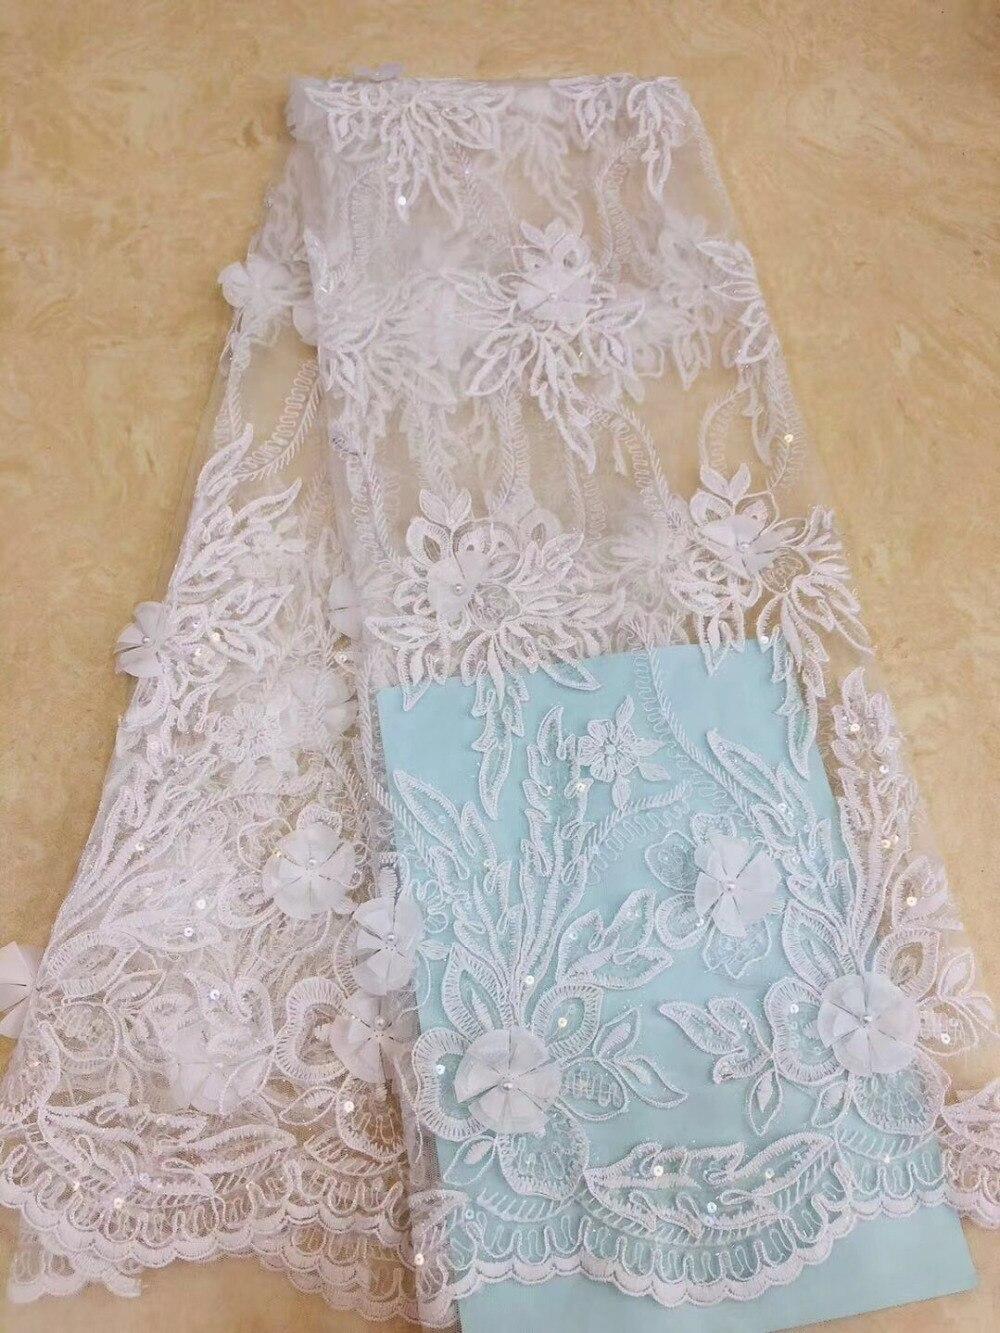 Tissu de luxe africain dentelle de mariée tissu de haute qualité 3d fleur broderie dentelle garniture africaine français dentelle tissu